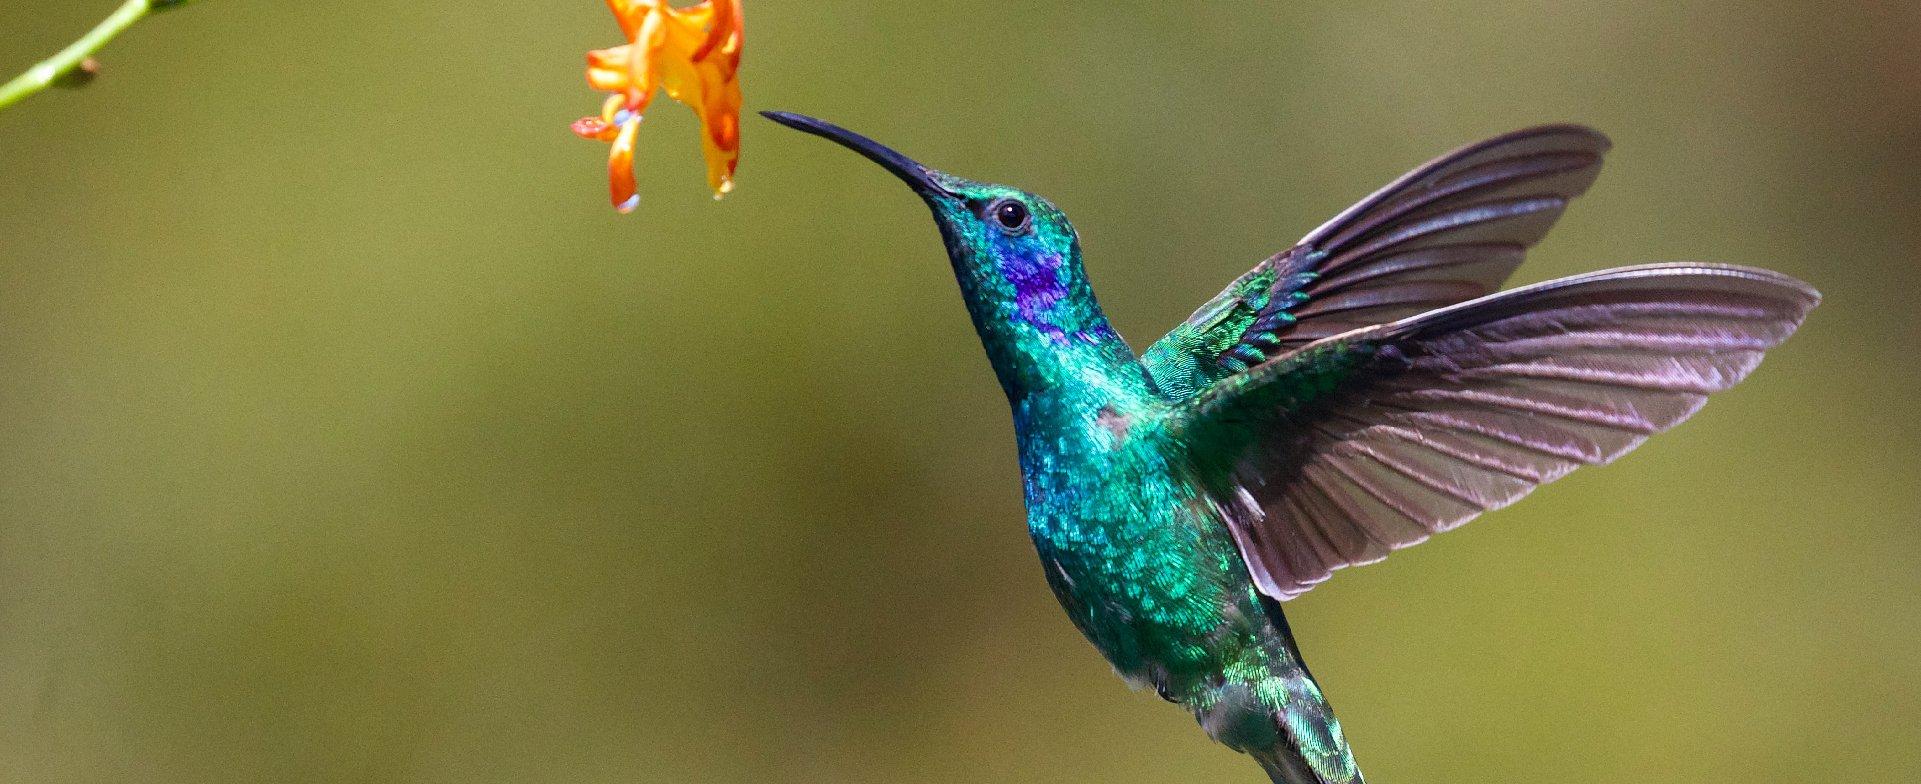 Uomini e colibrì